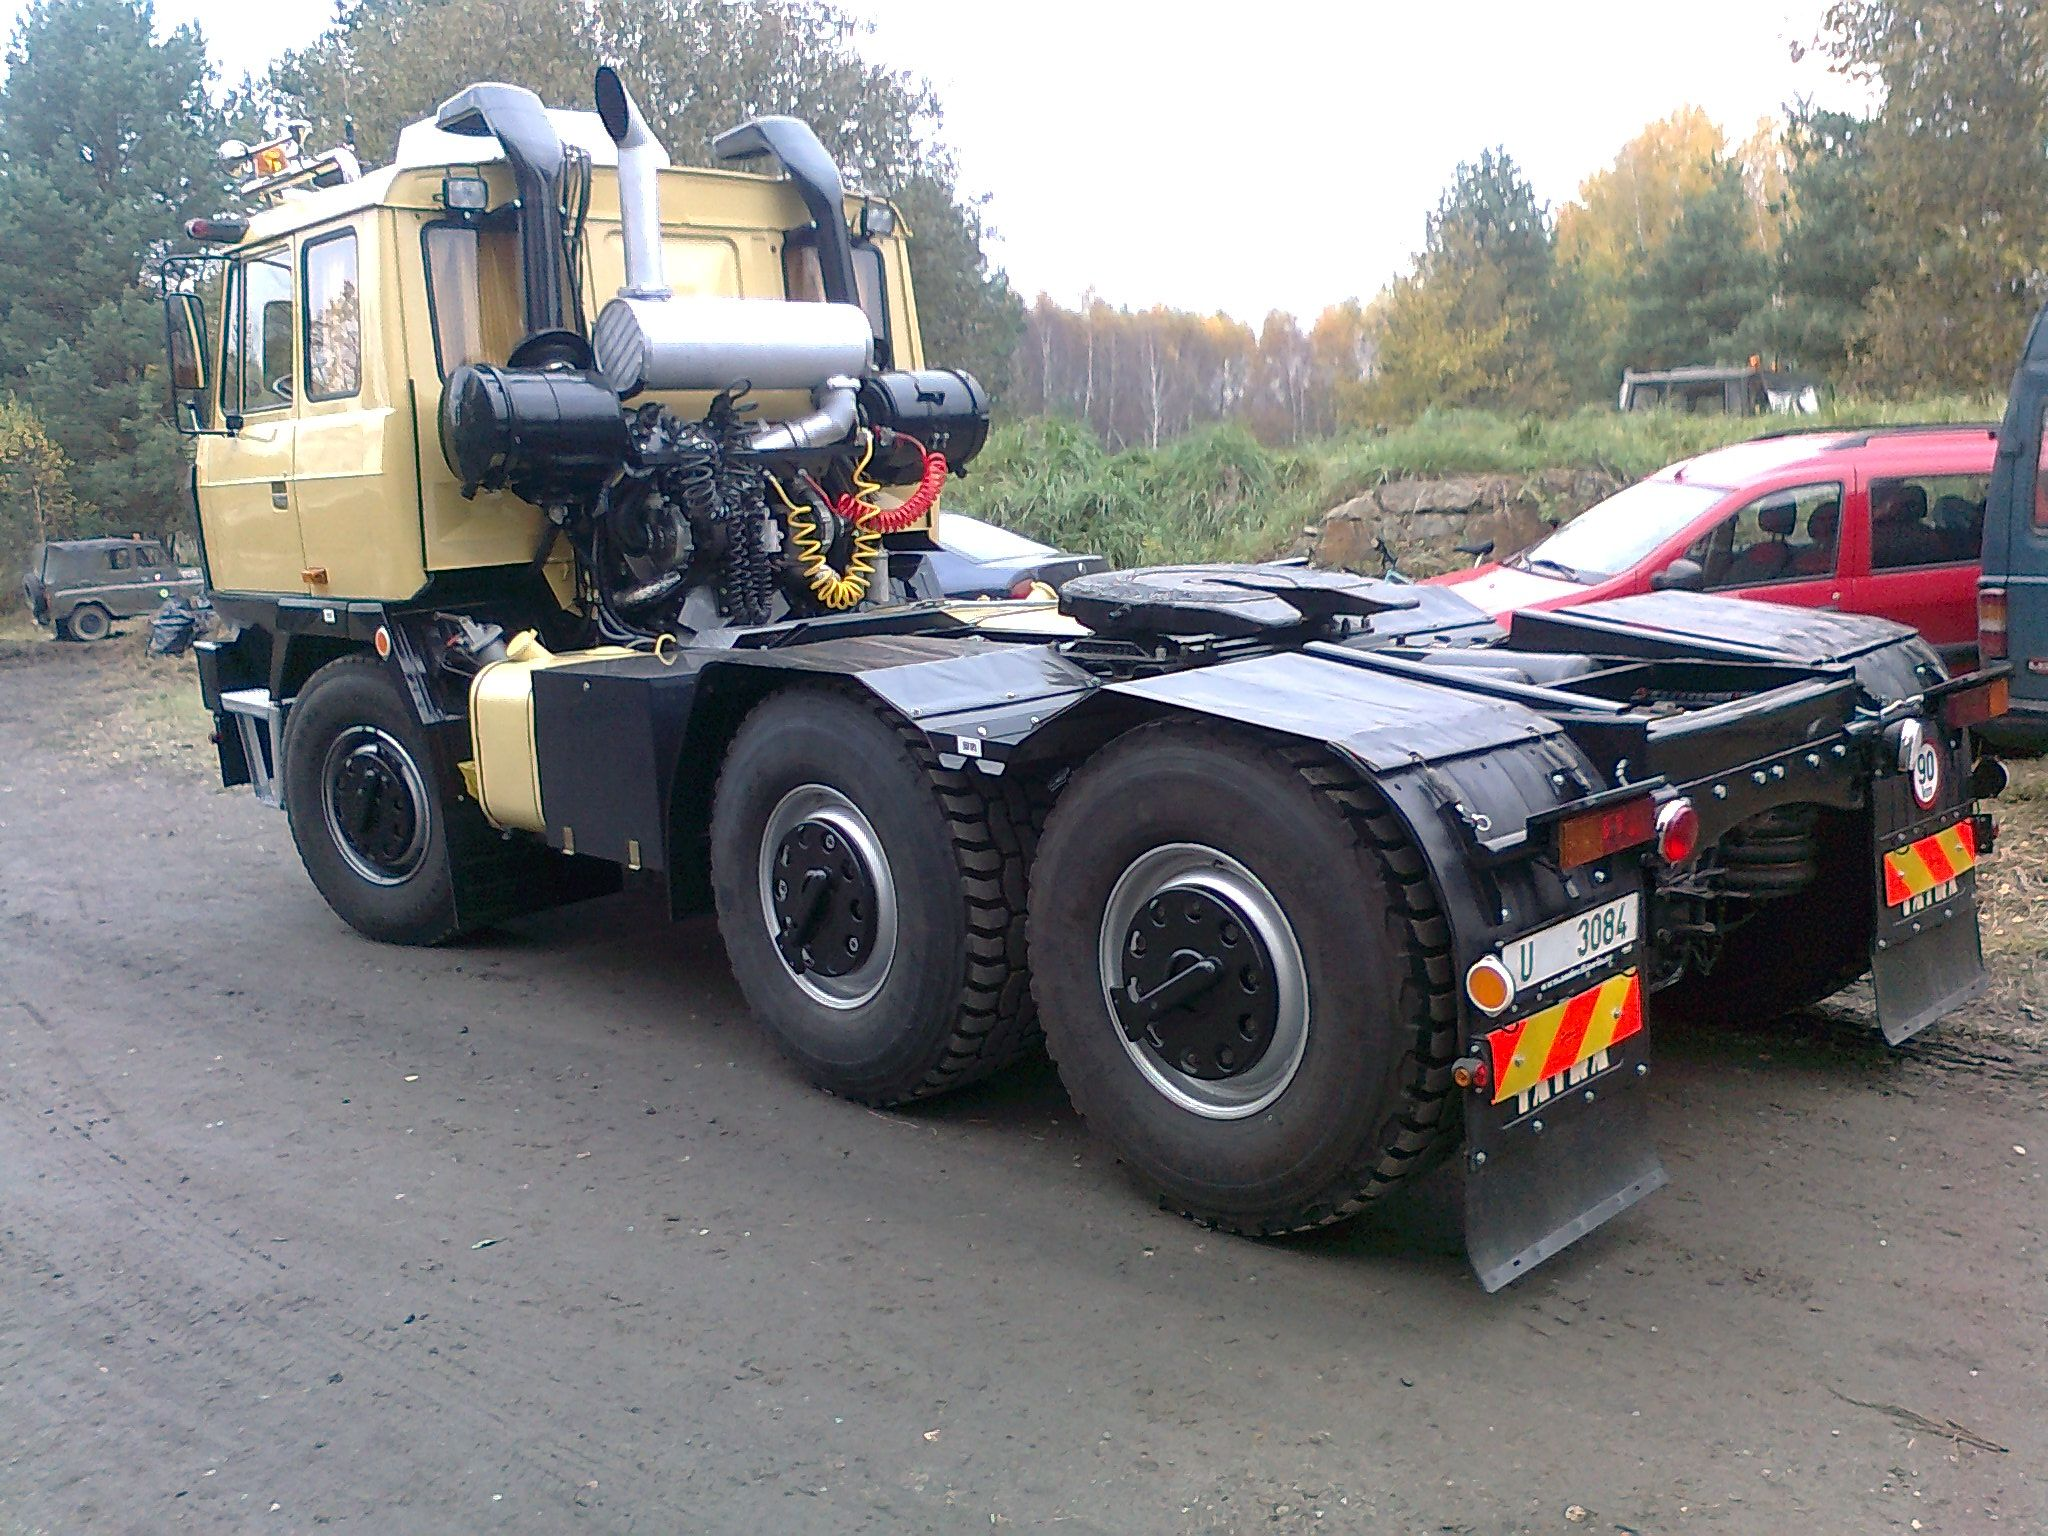 Tatra T815 Nth 6x6 Trucks Heavy Duty Trucks Big Trucks